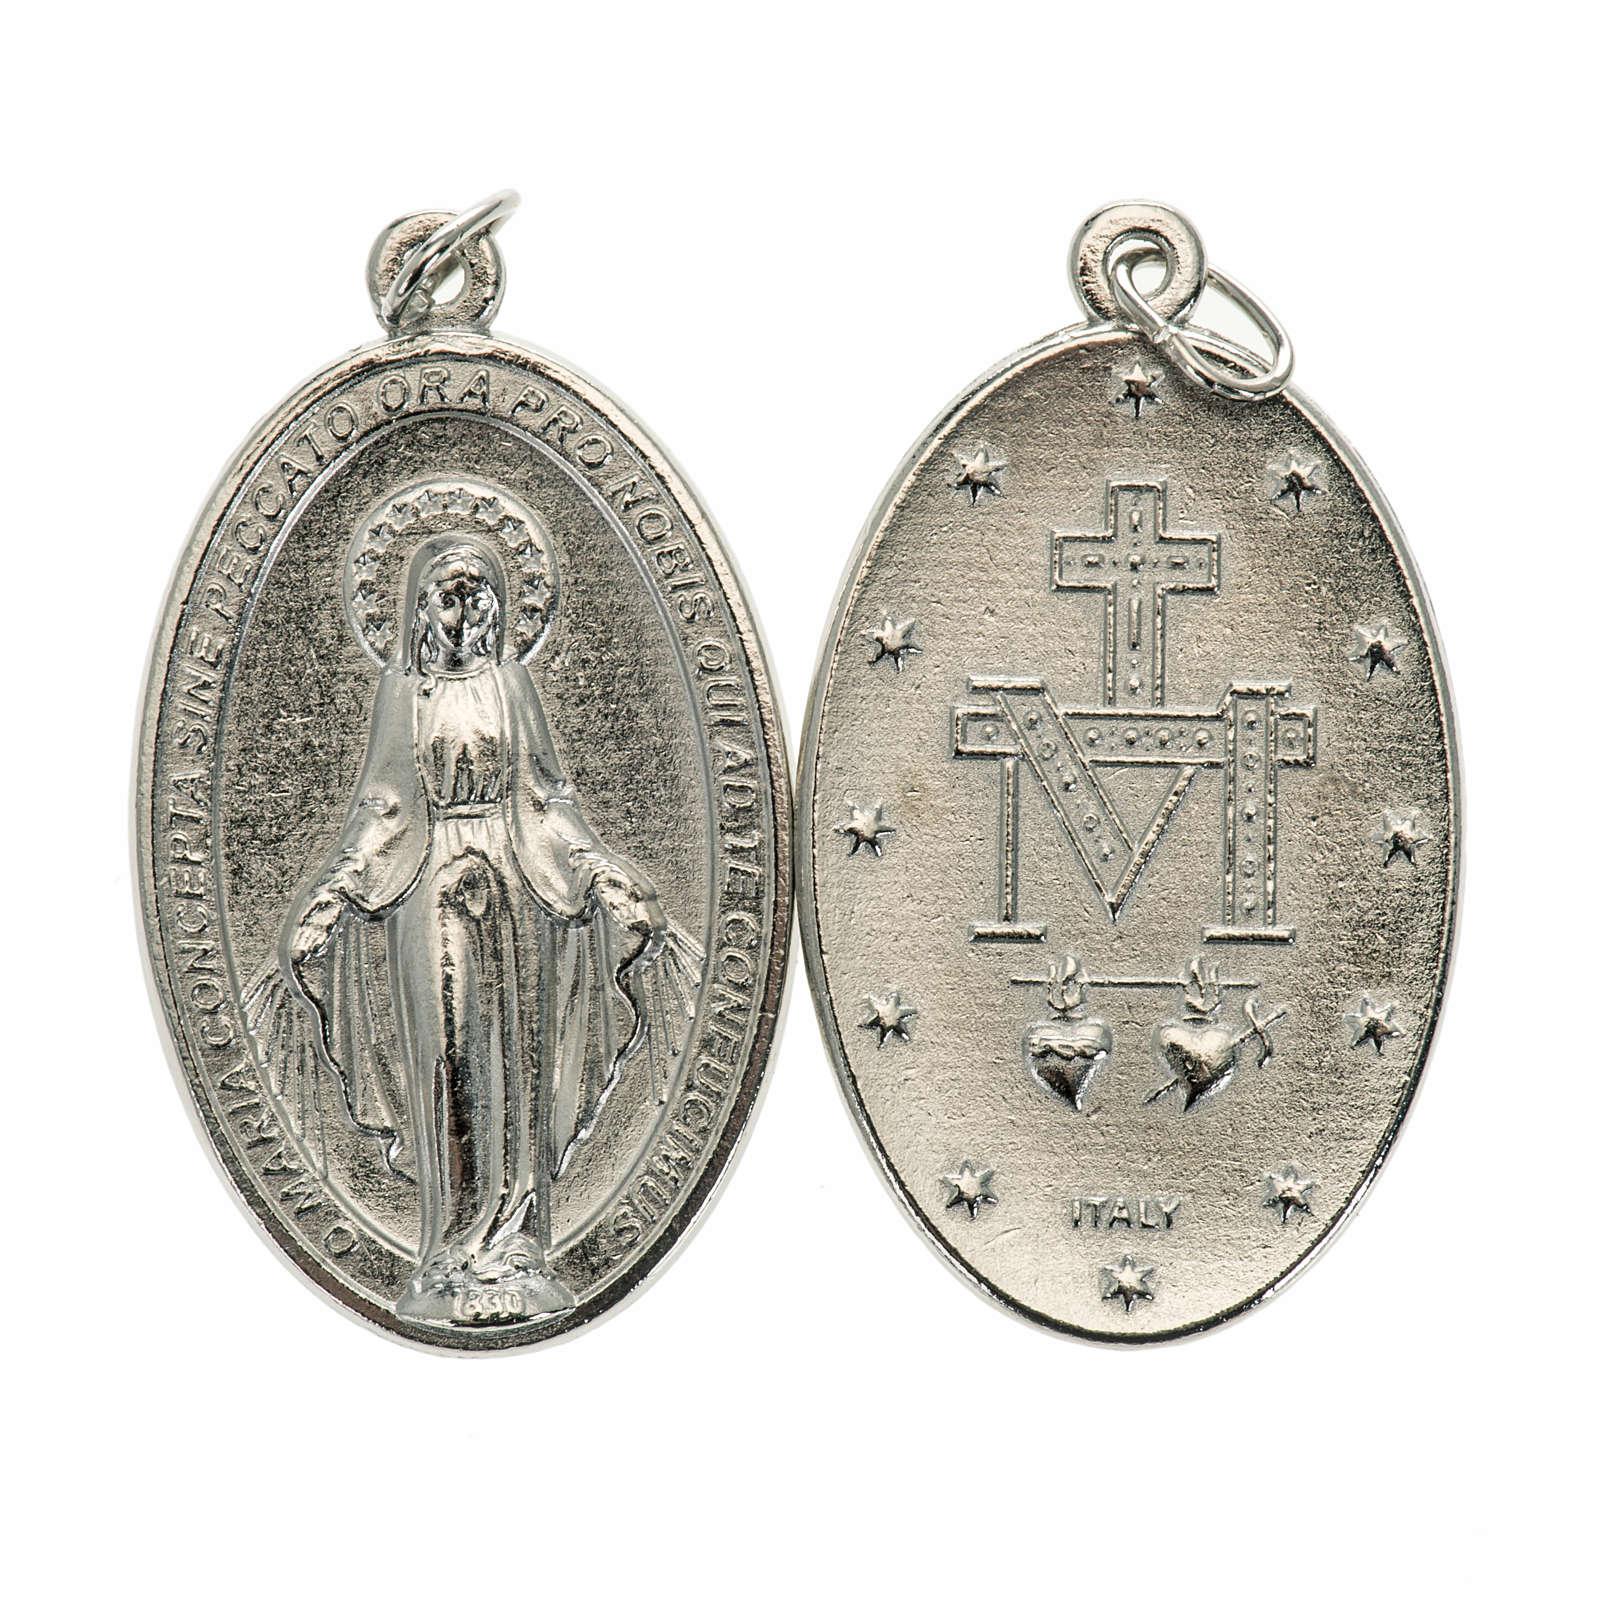 Medaglia Miracolosa ovale metallo argentato h mm 40 4